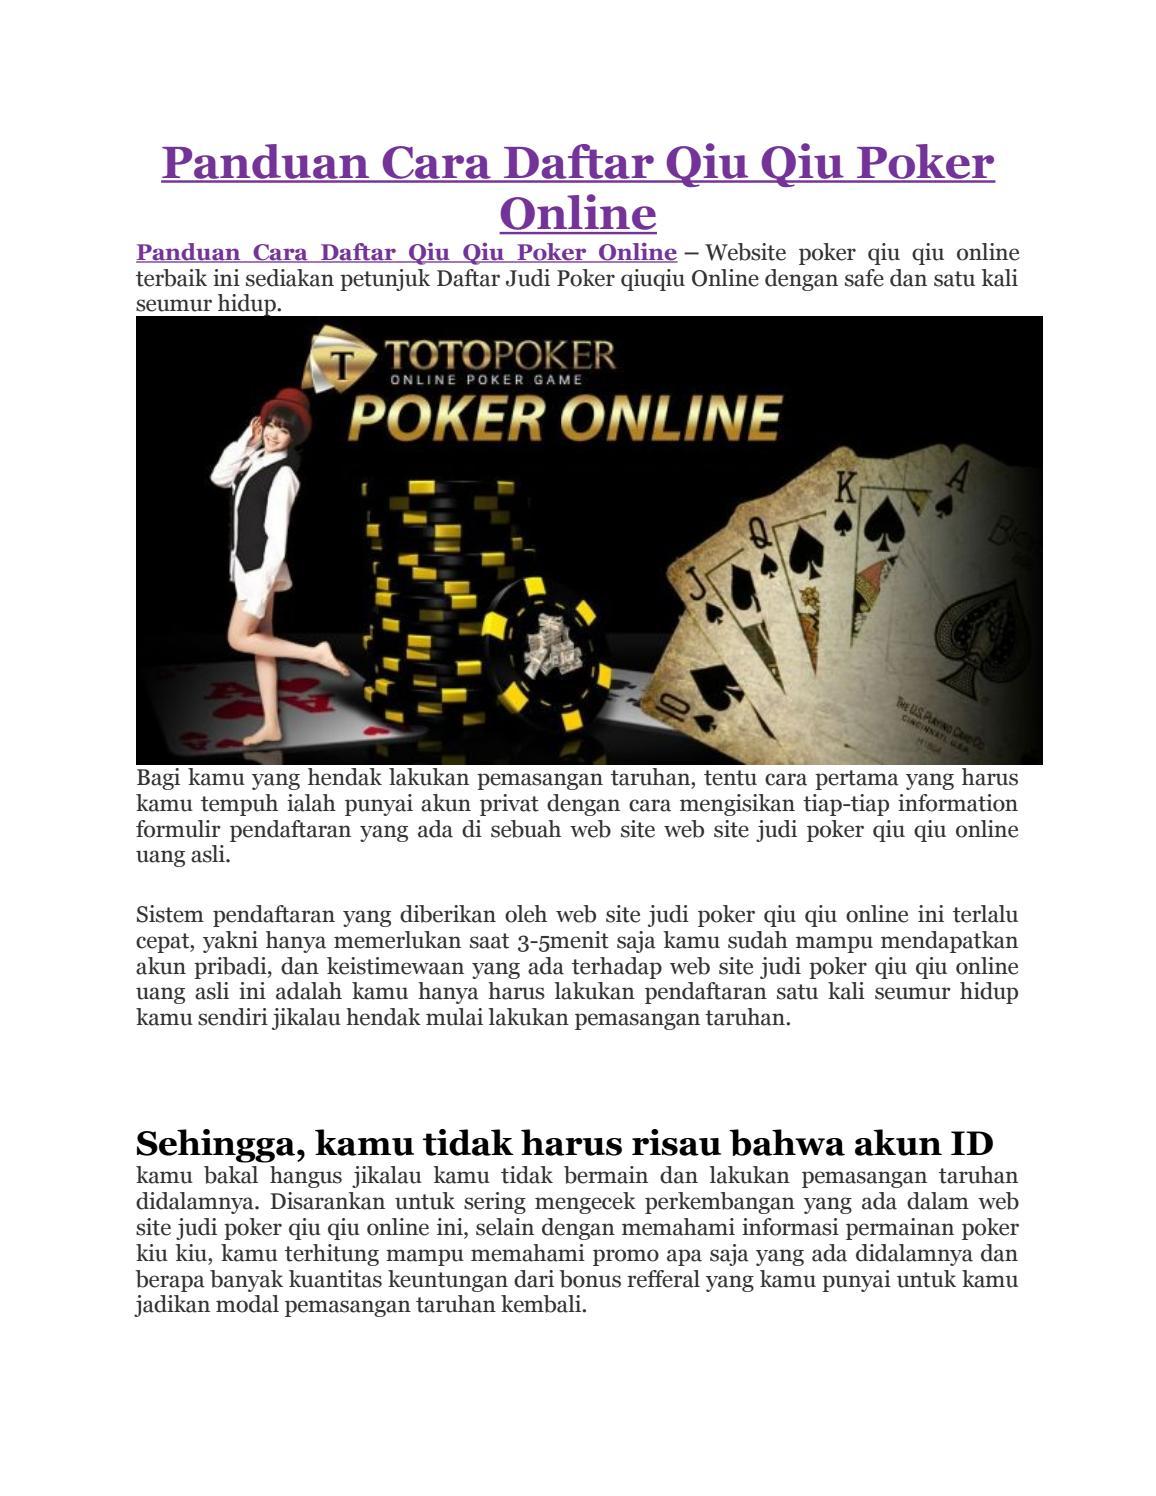 Panduan Cara Daftar Qiu Qiu Poker Online By Jennifer Angel Issuu